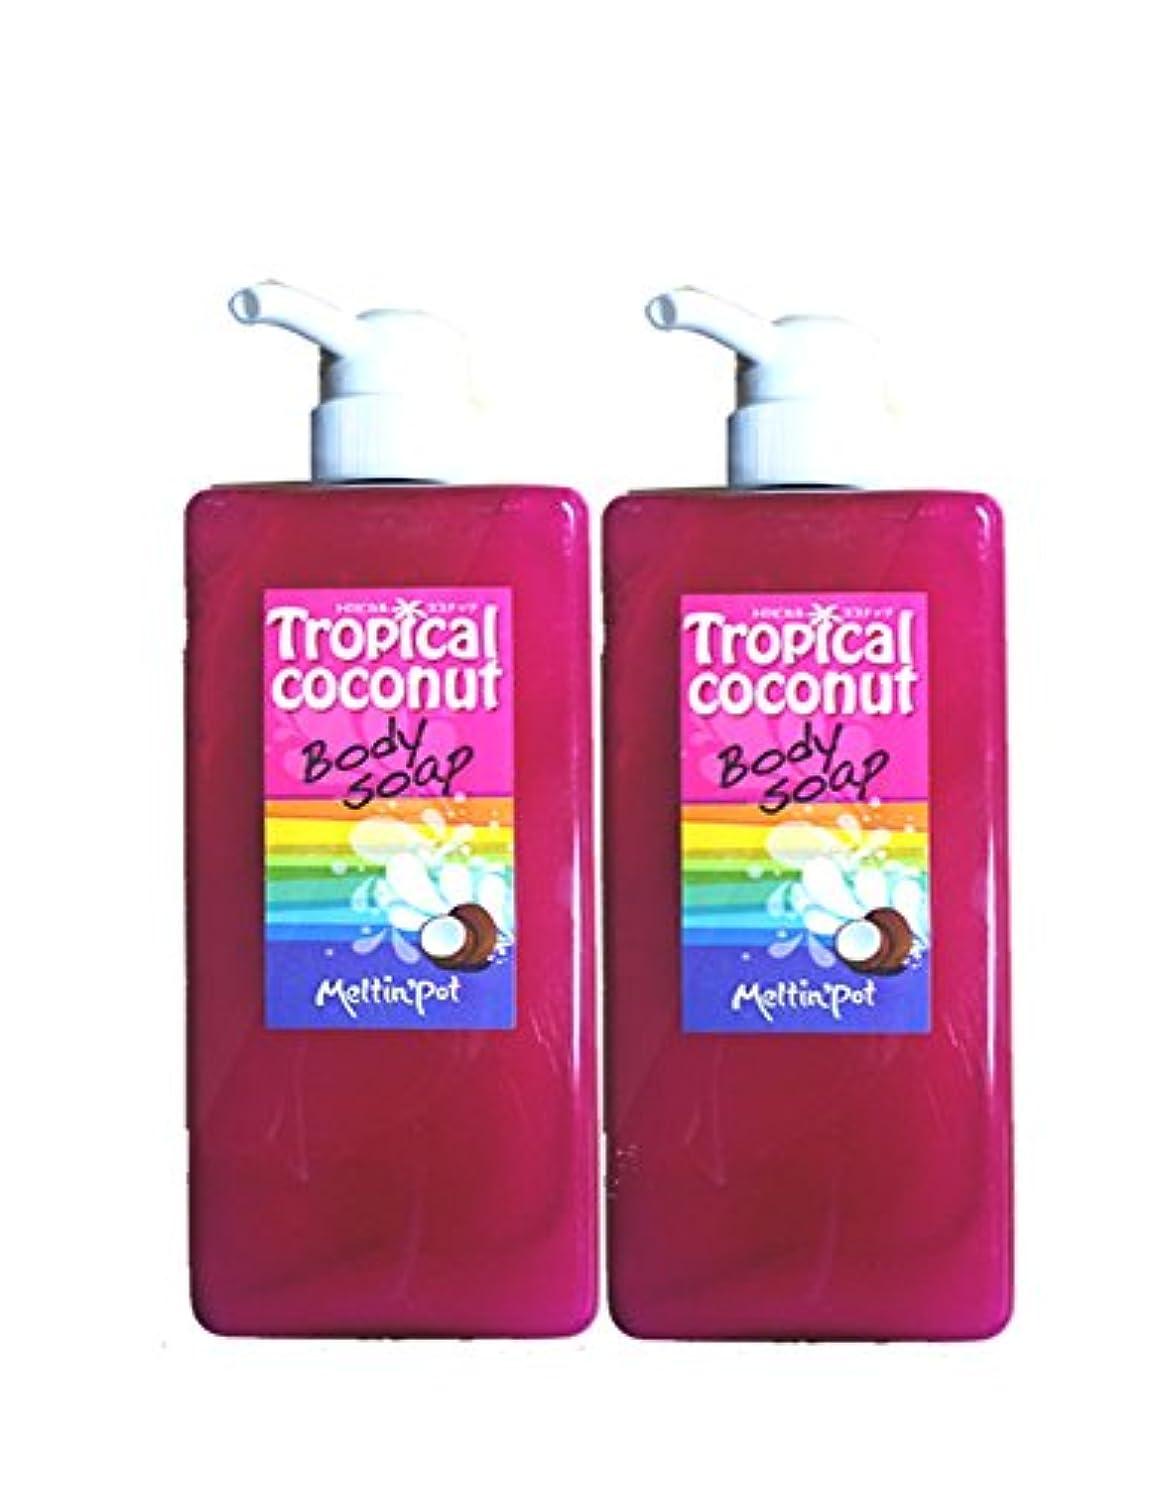 化粧帝国主義投資トロピカルココナッツ ボディソープ 600ml*2セット Tropical coconut Body Soap 加齢臭に!